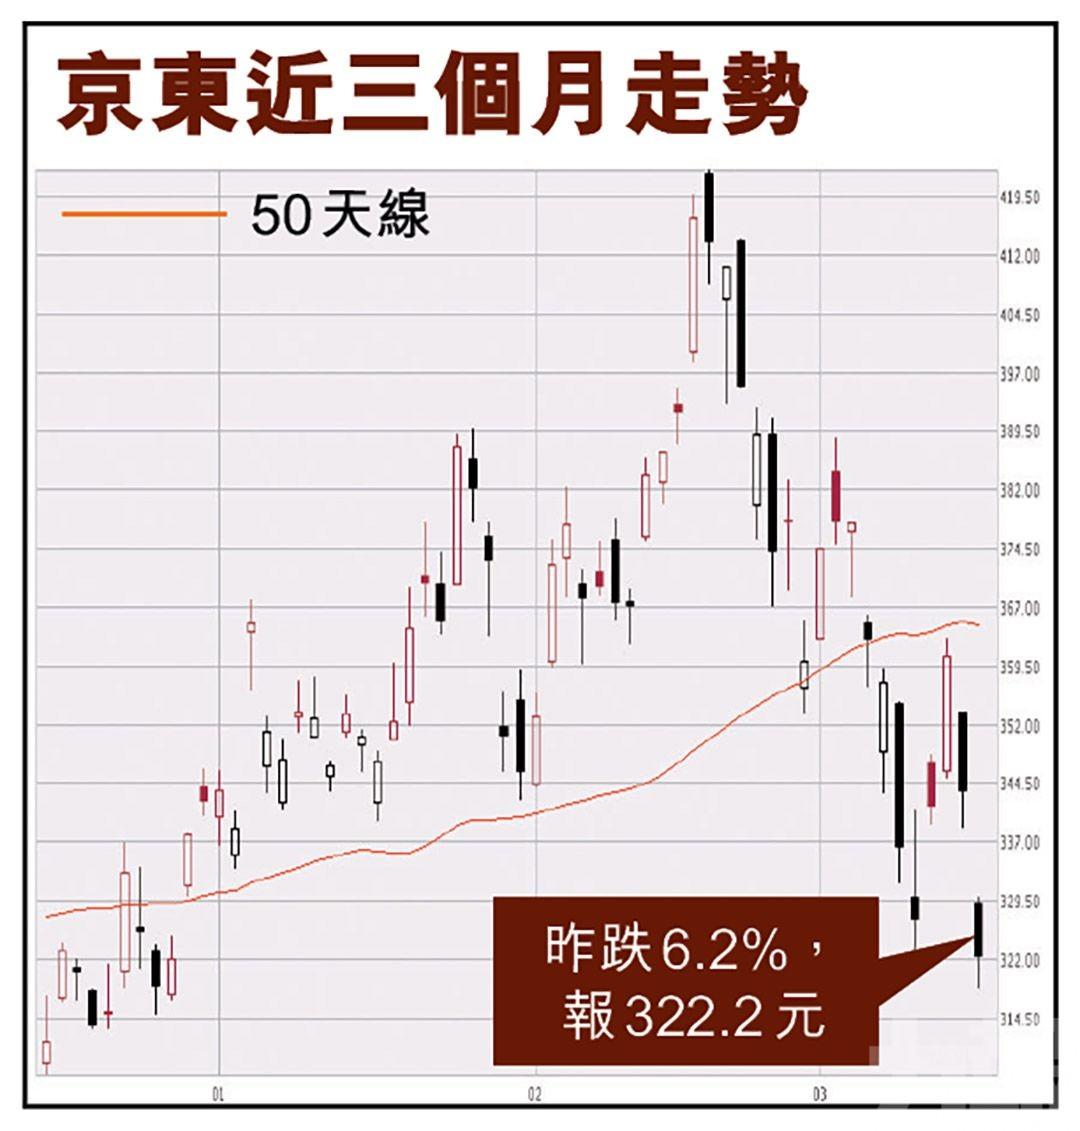 市場憂或成為監管目標京東昨挫逾6%